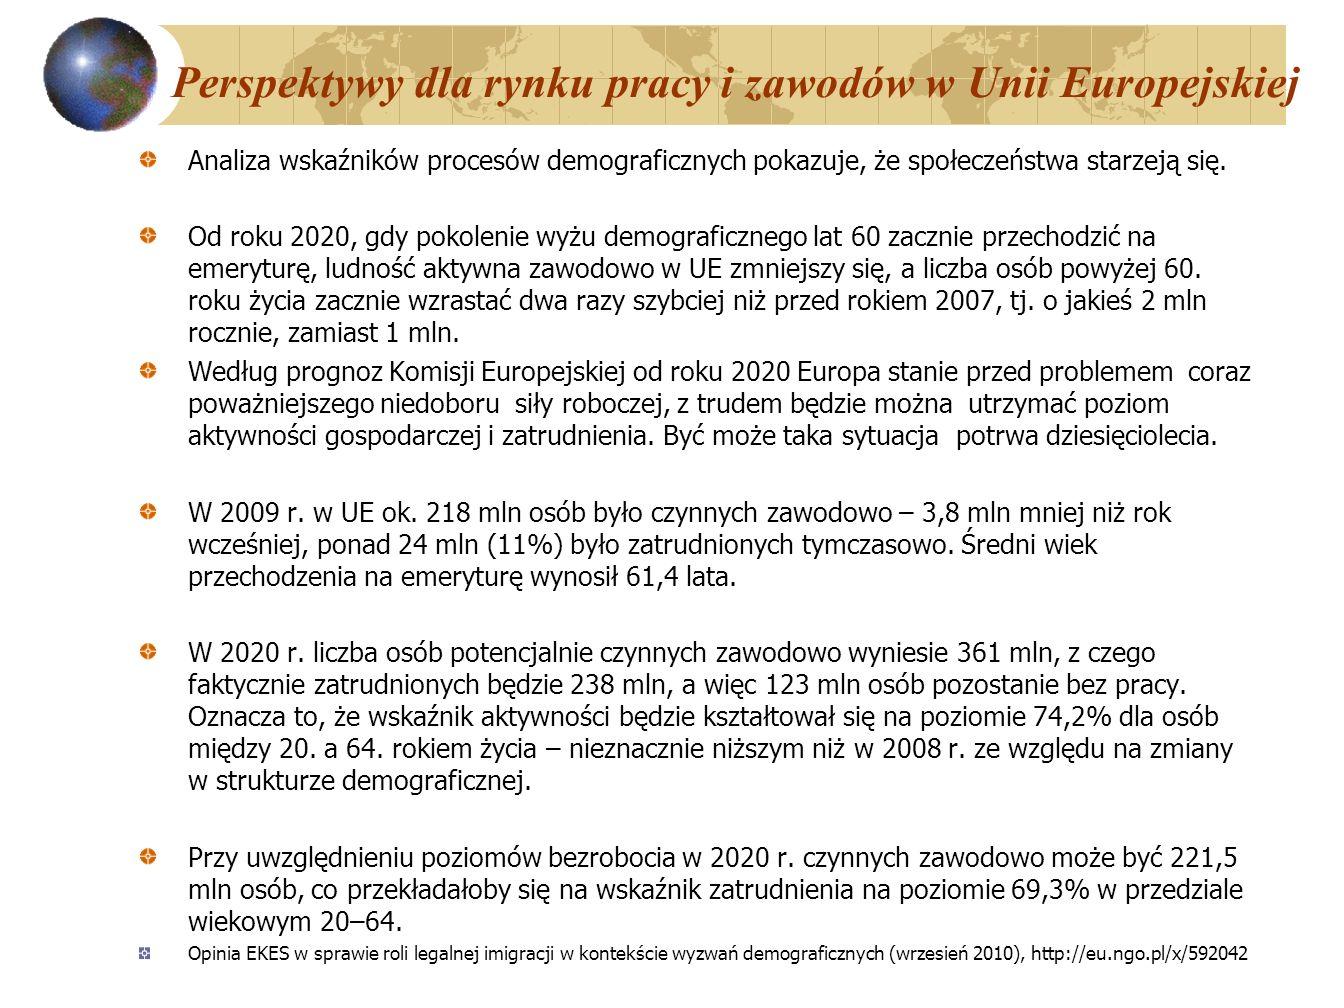 Perspektywy dla rynku pracy i zawodów w Unii Europejskiej